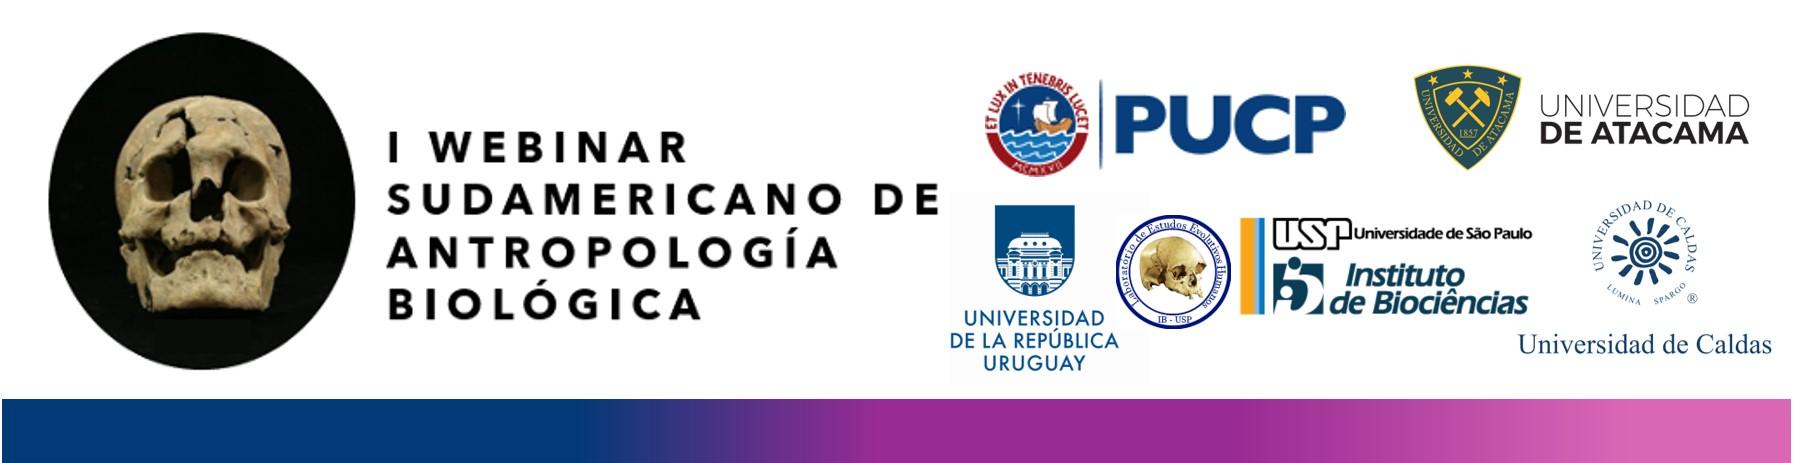 I Webinar Sudamericano de Antropología Biológica [videos]